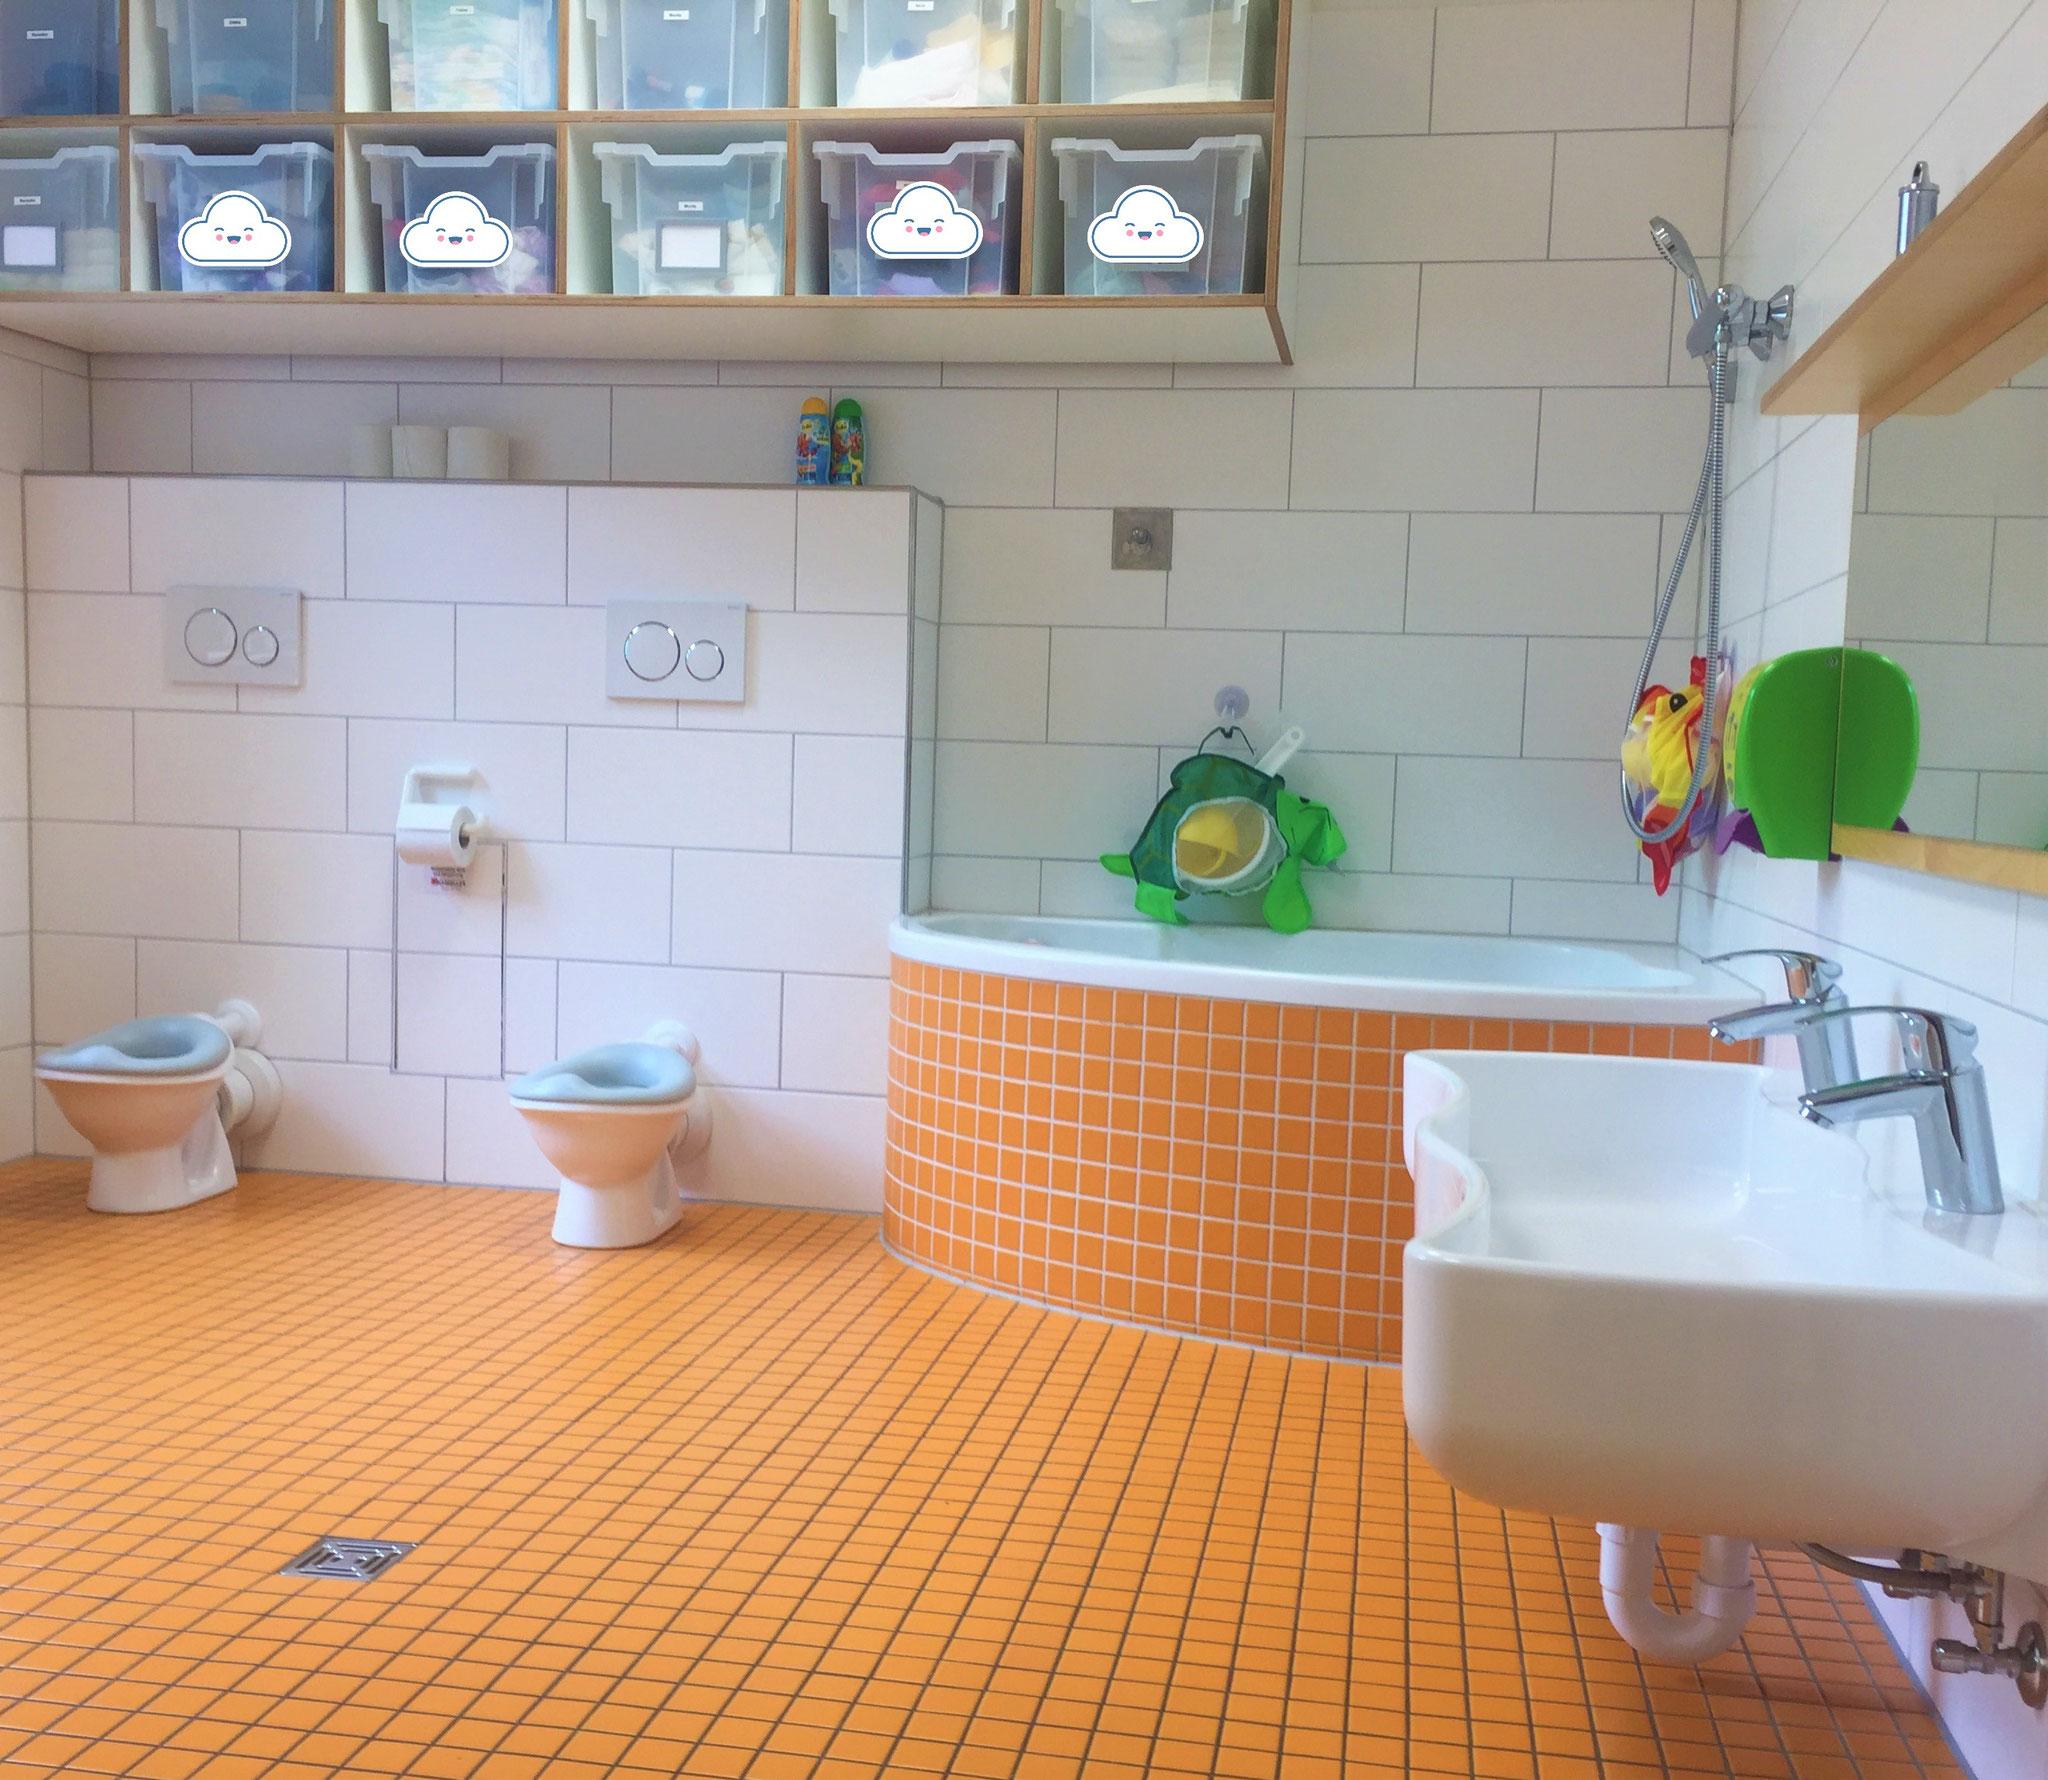 Krippenbad mit altersgerechten Toiletten/Waschbecken und Badewanne